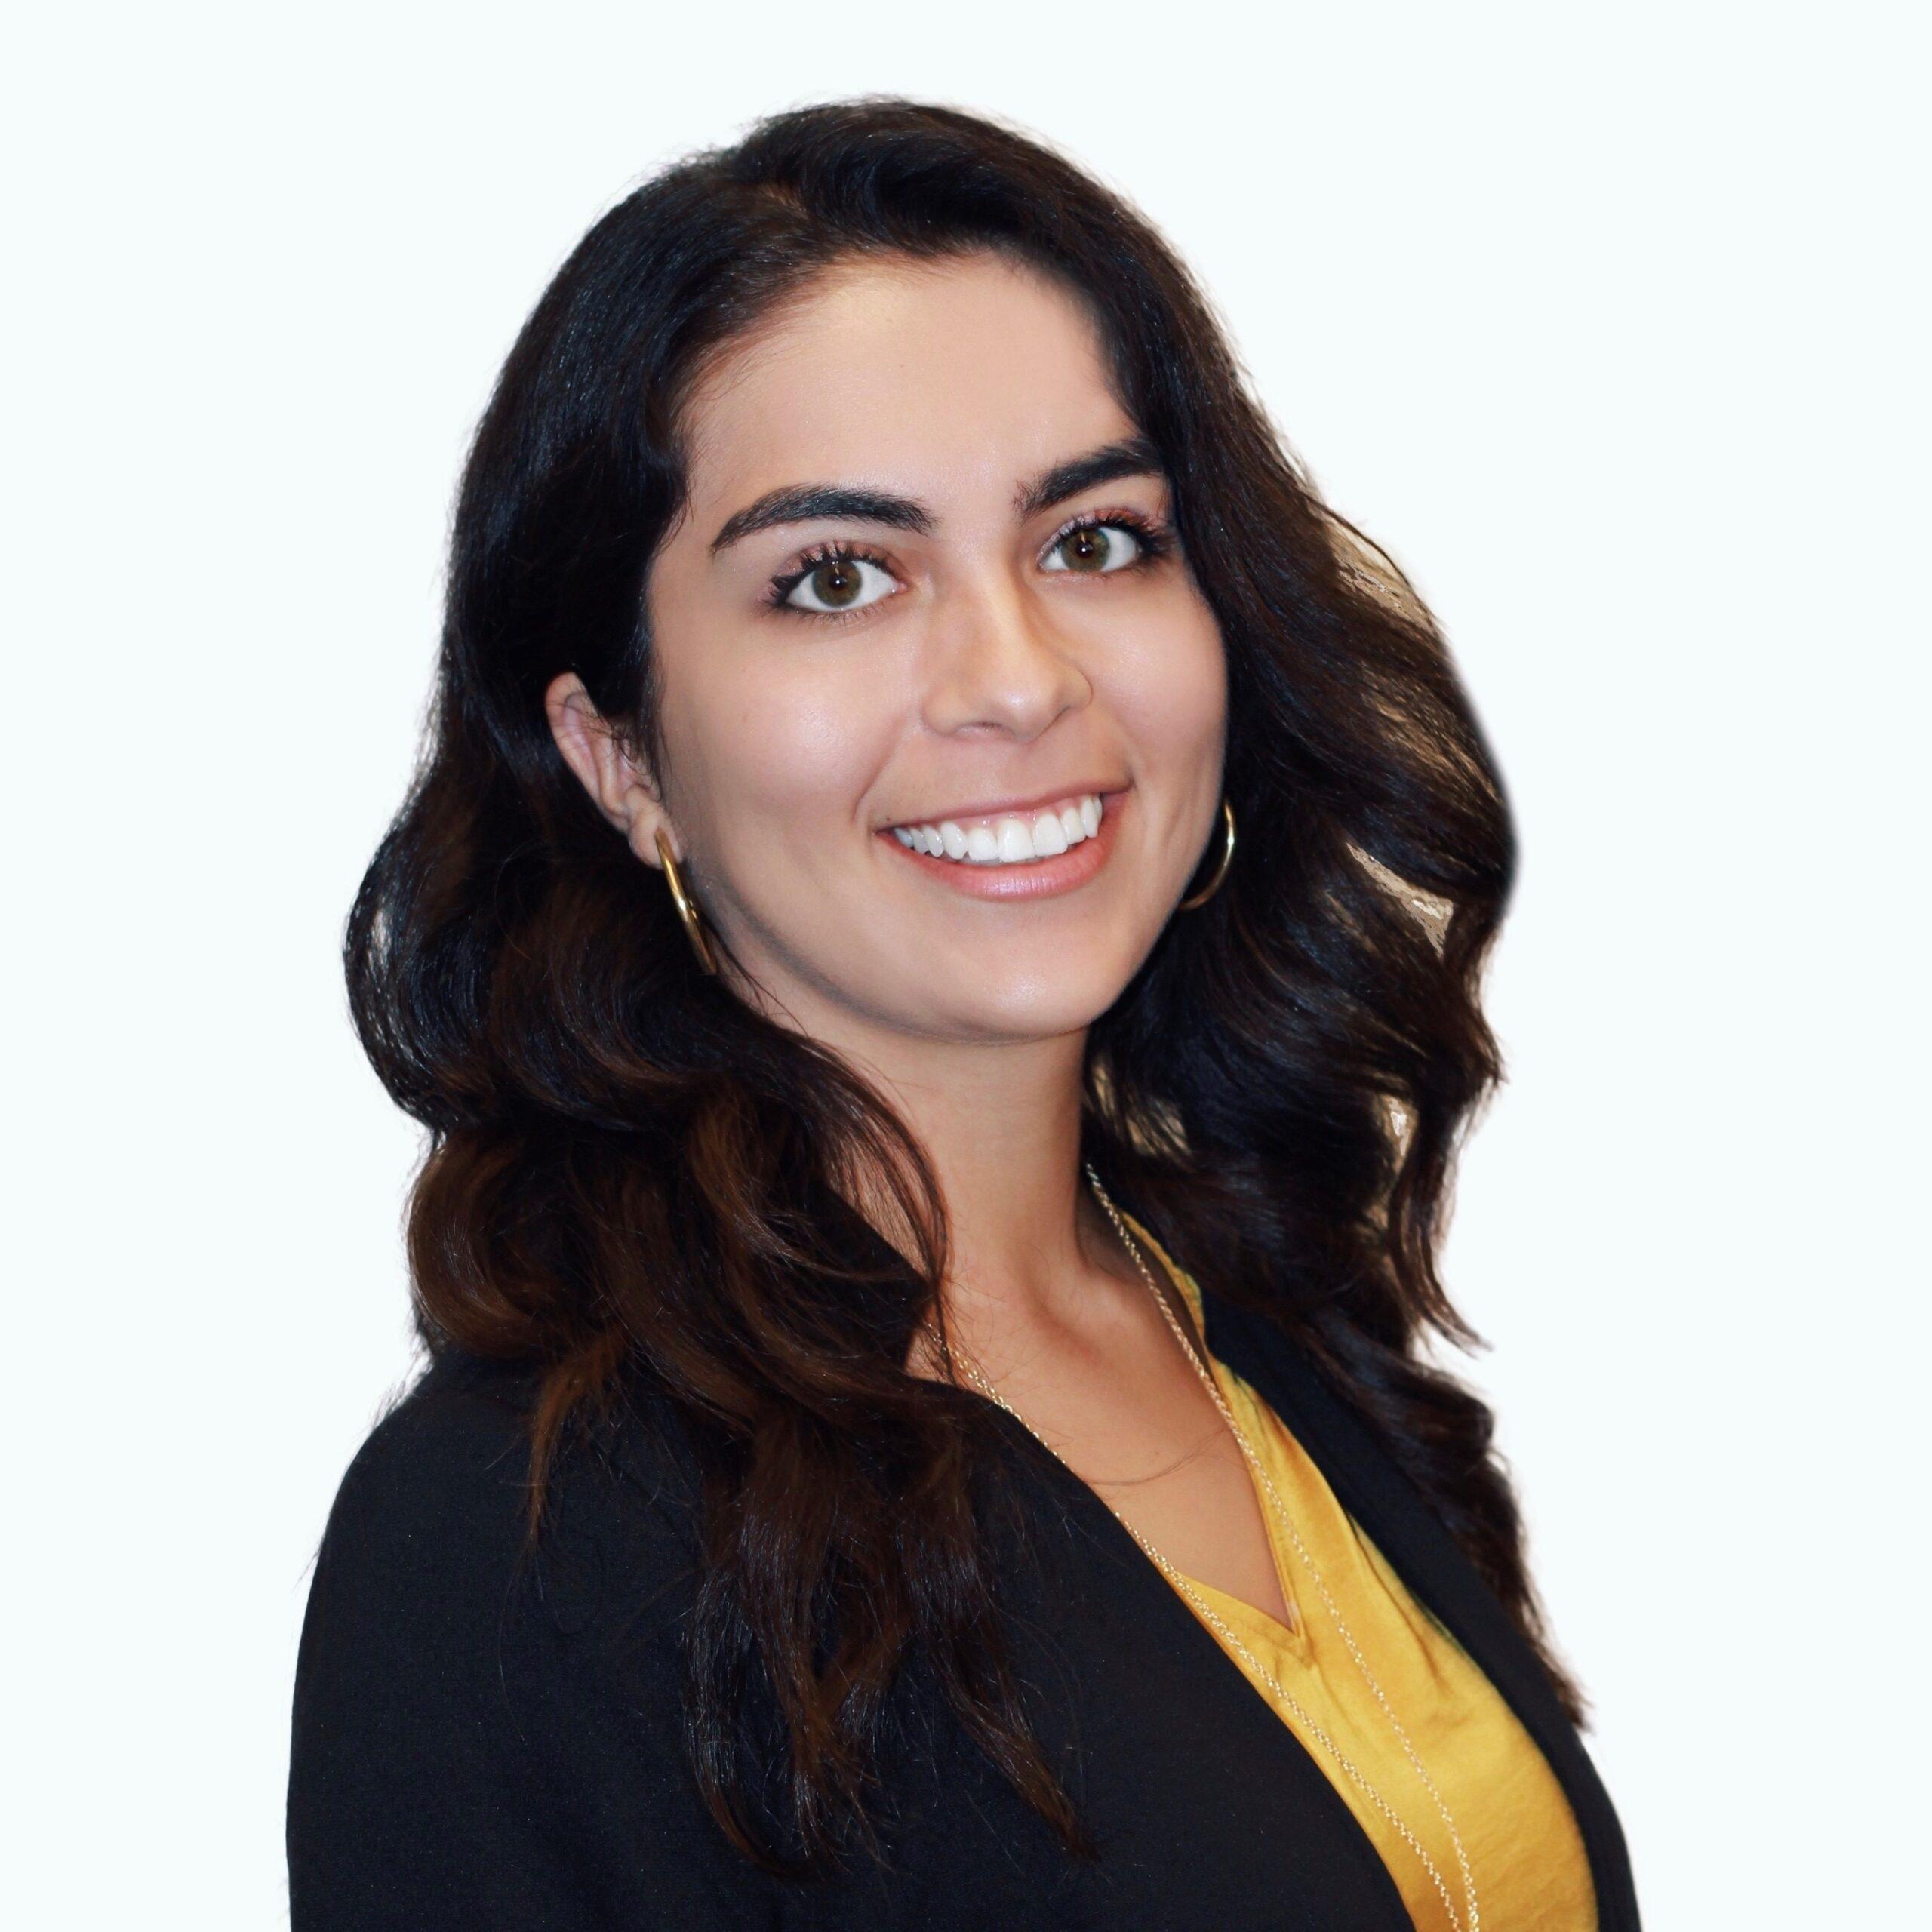 Natasha Camarillo